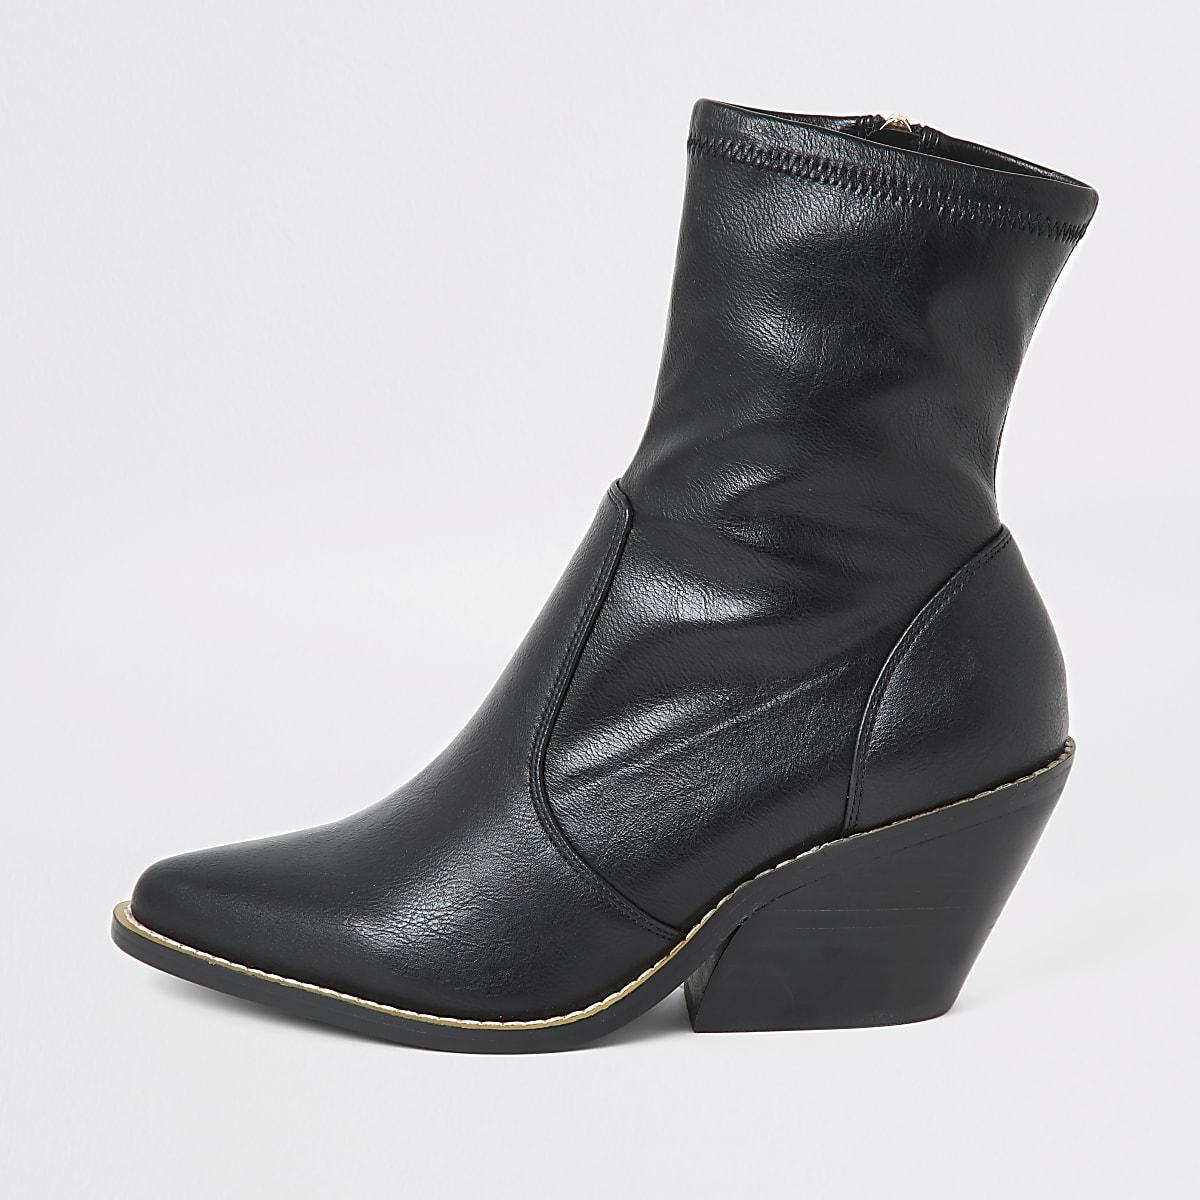 Zwarte western sock boots met hakken en brede pasvorm